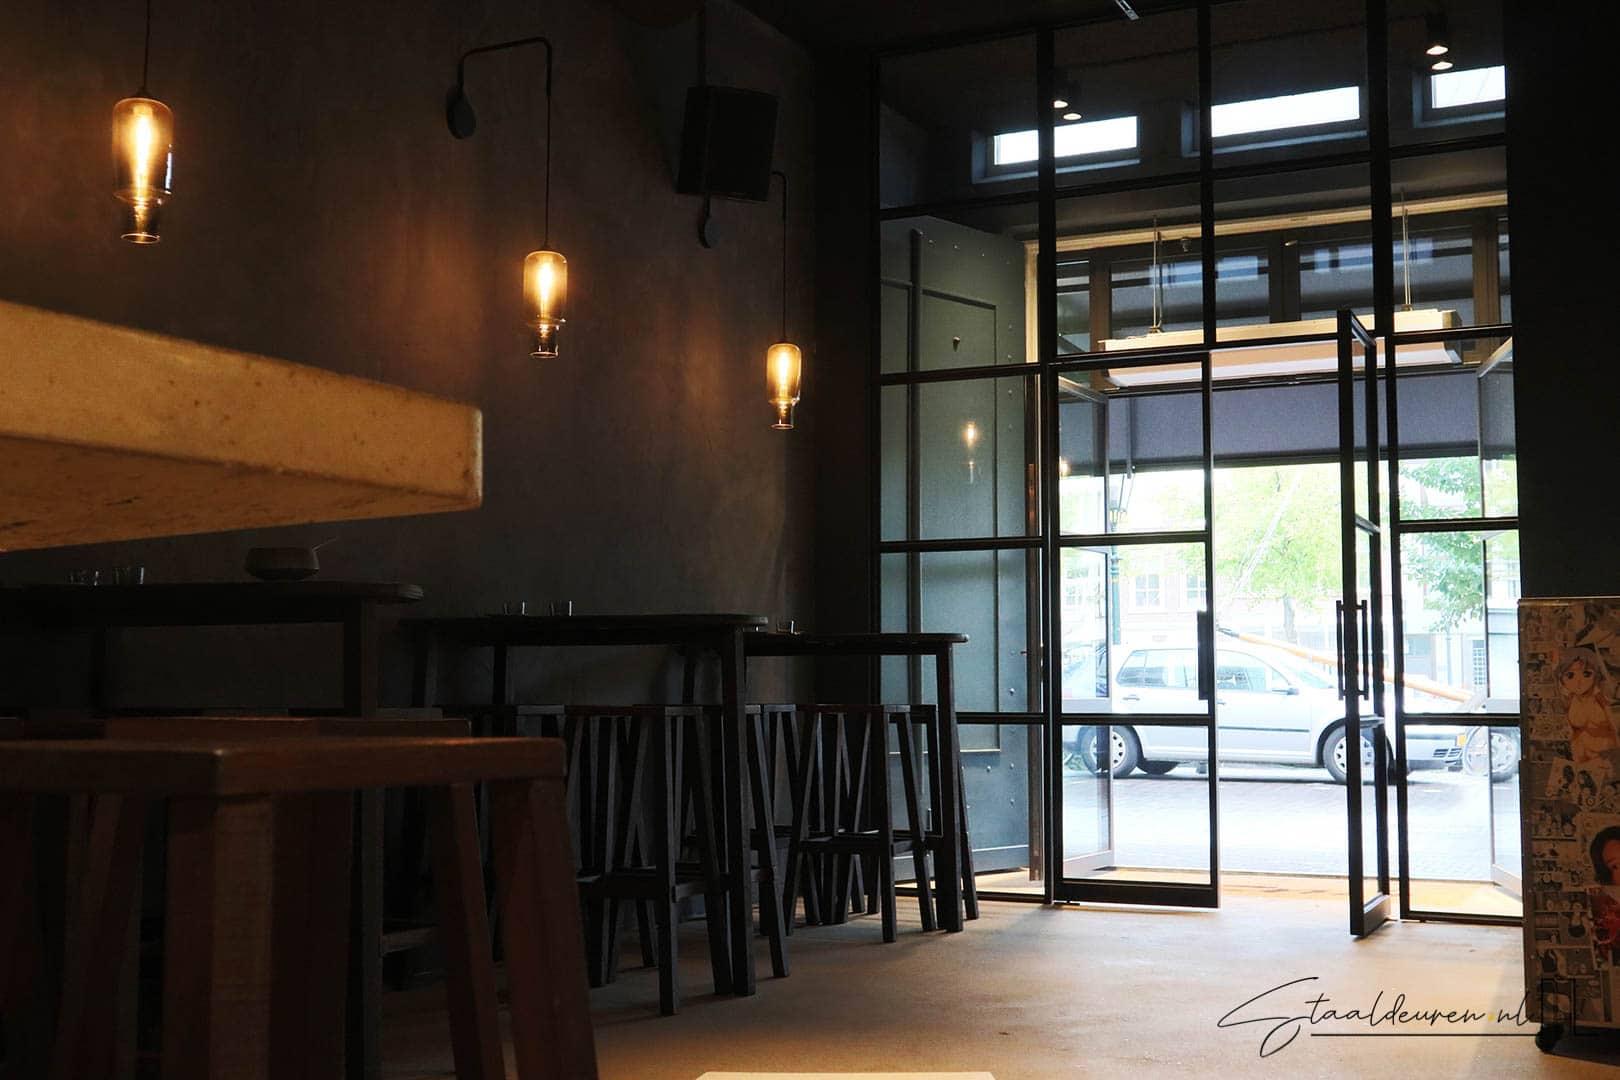 Entree met dubbele taatsdeuren bij restaurant Yuzu in Den Haag